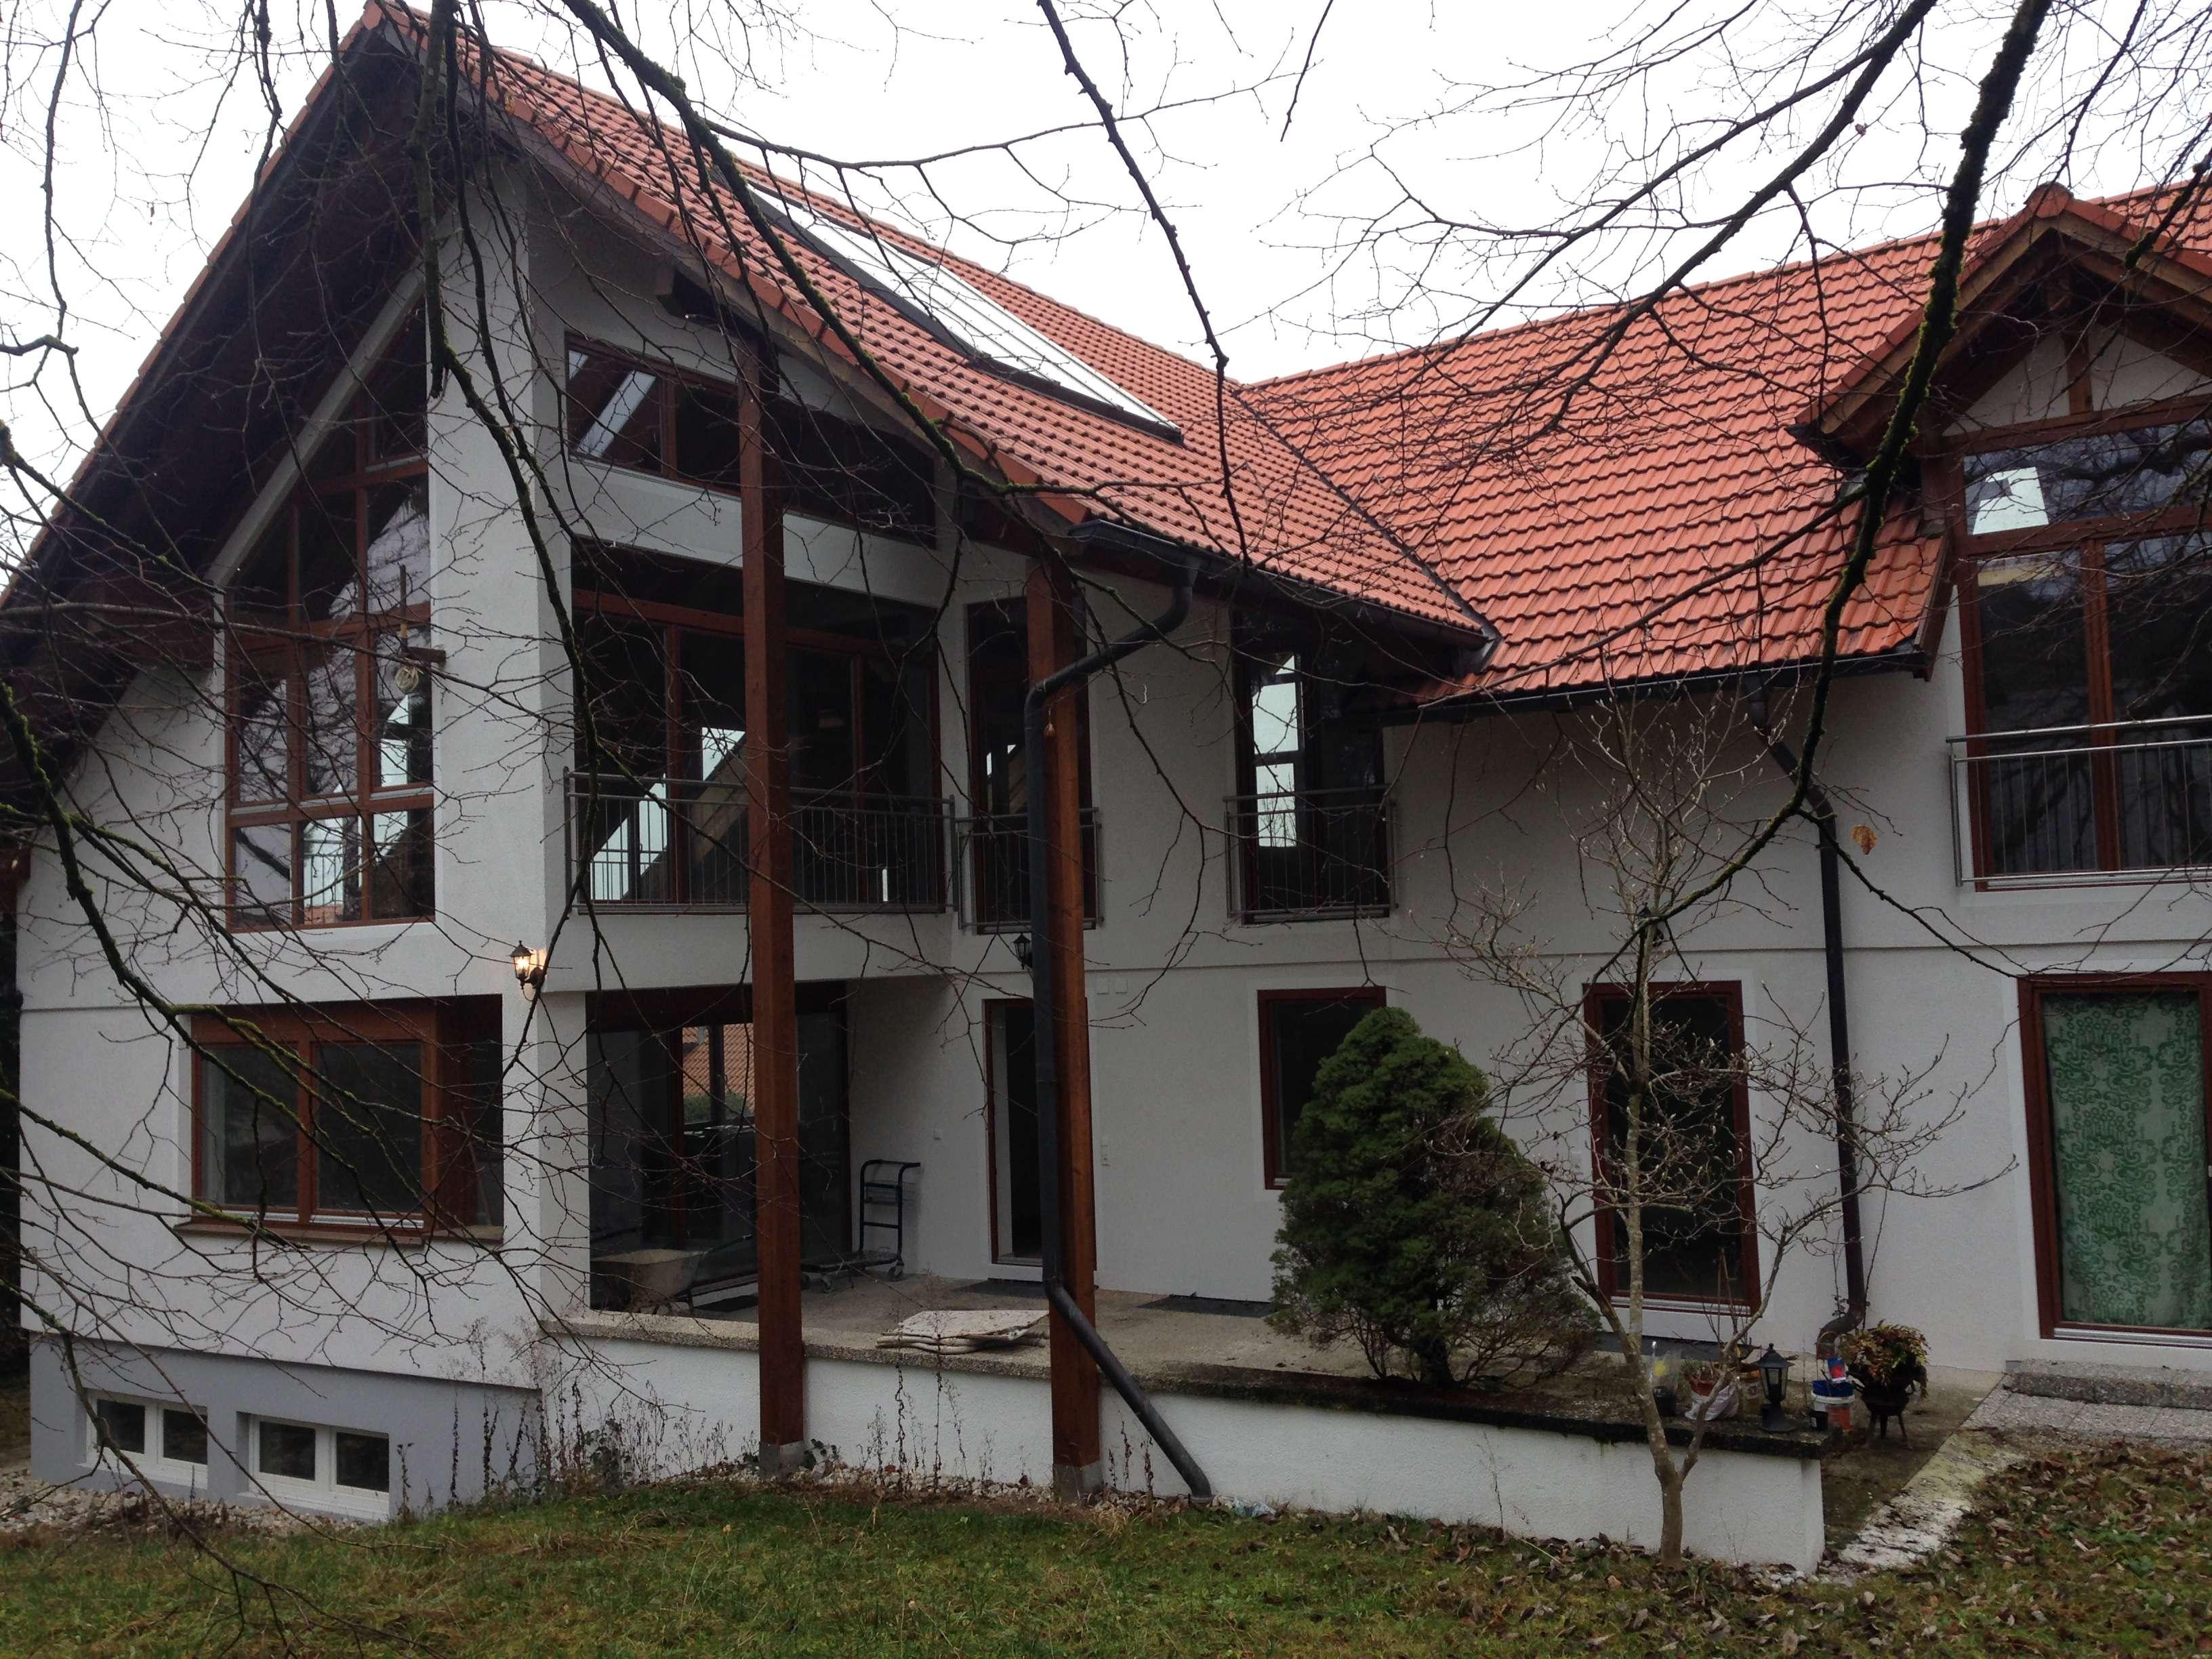 Wohnung in renovierter Villa in idyllischer ruhiger Lage mit Garten und Zugspitzblick in